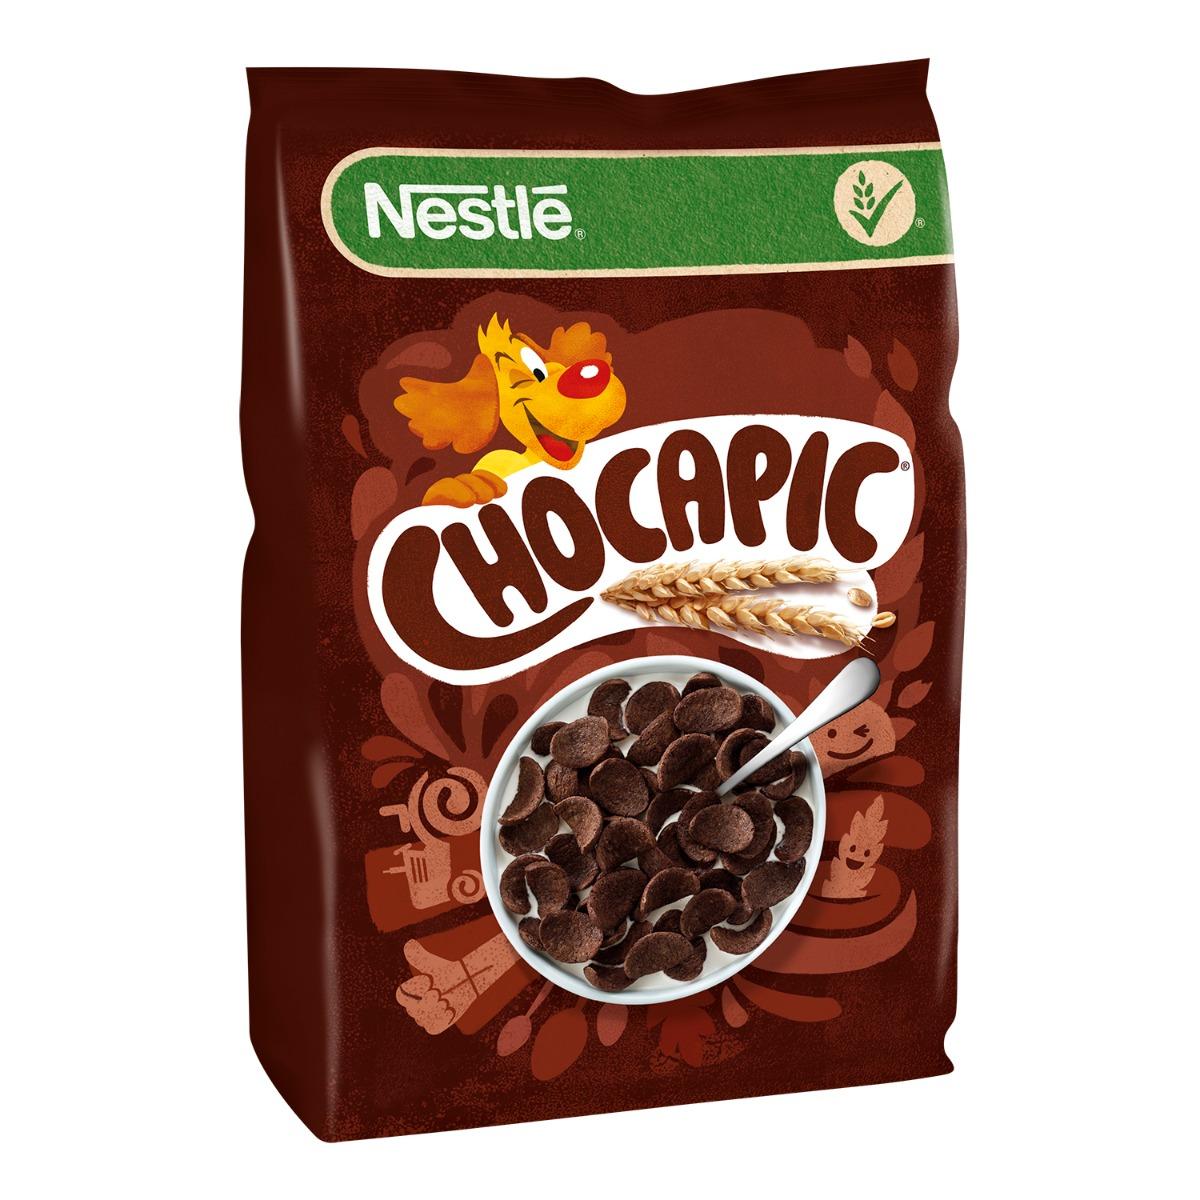 Cereale pentru mic dejun Nestle Chocapic, 500 g imagine